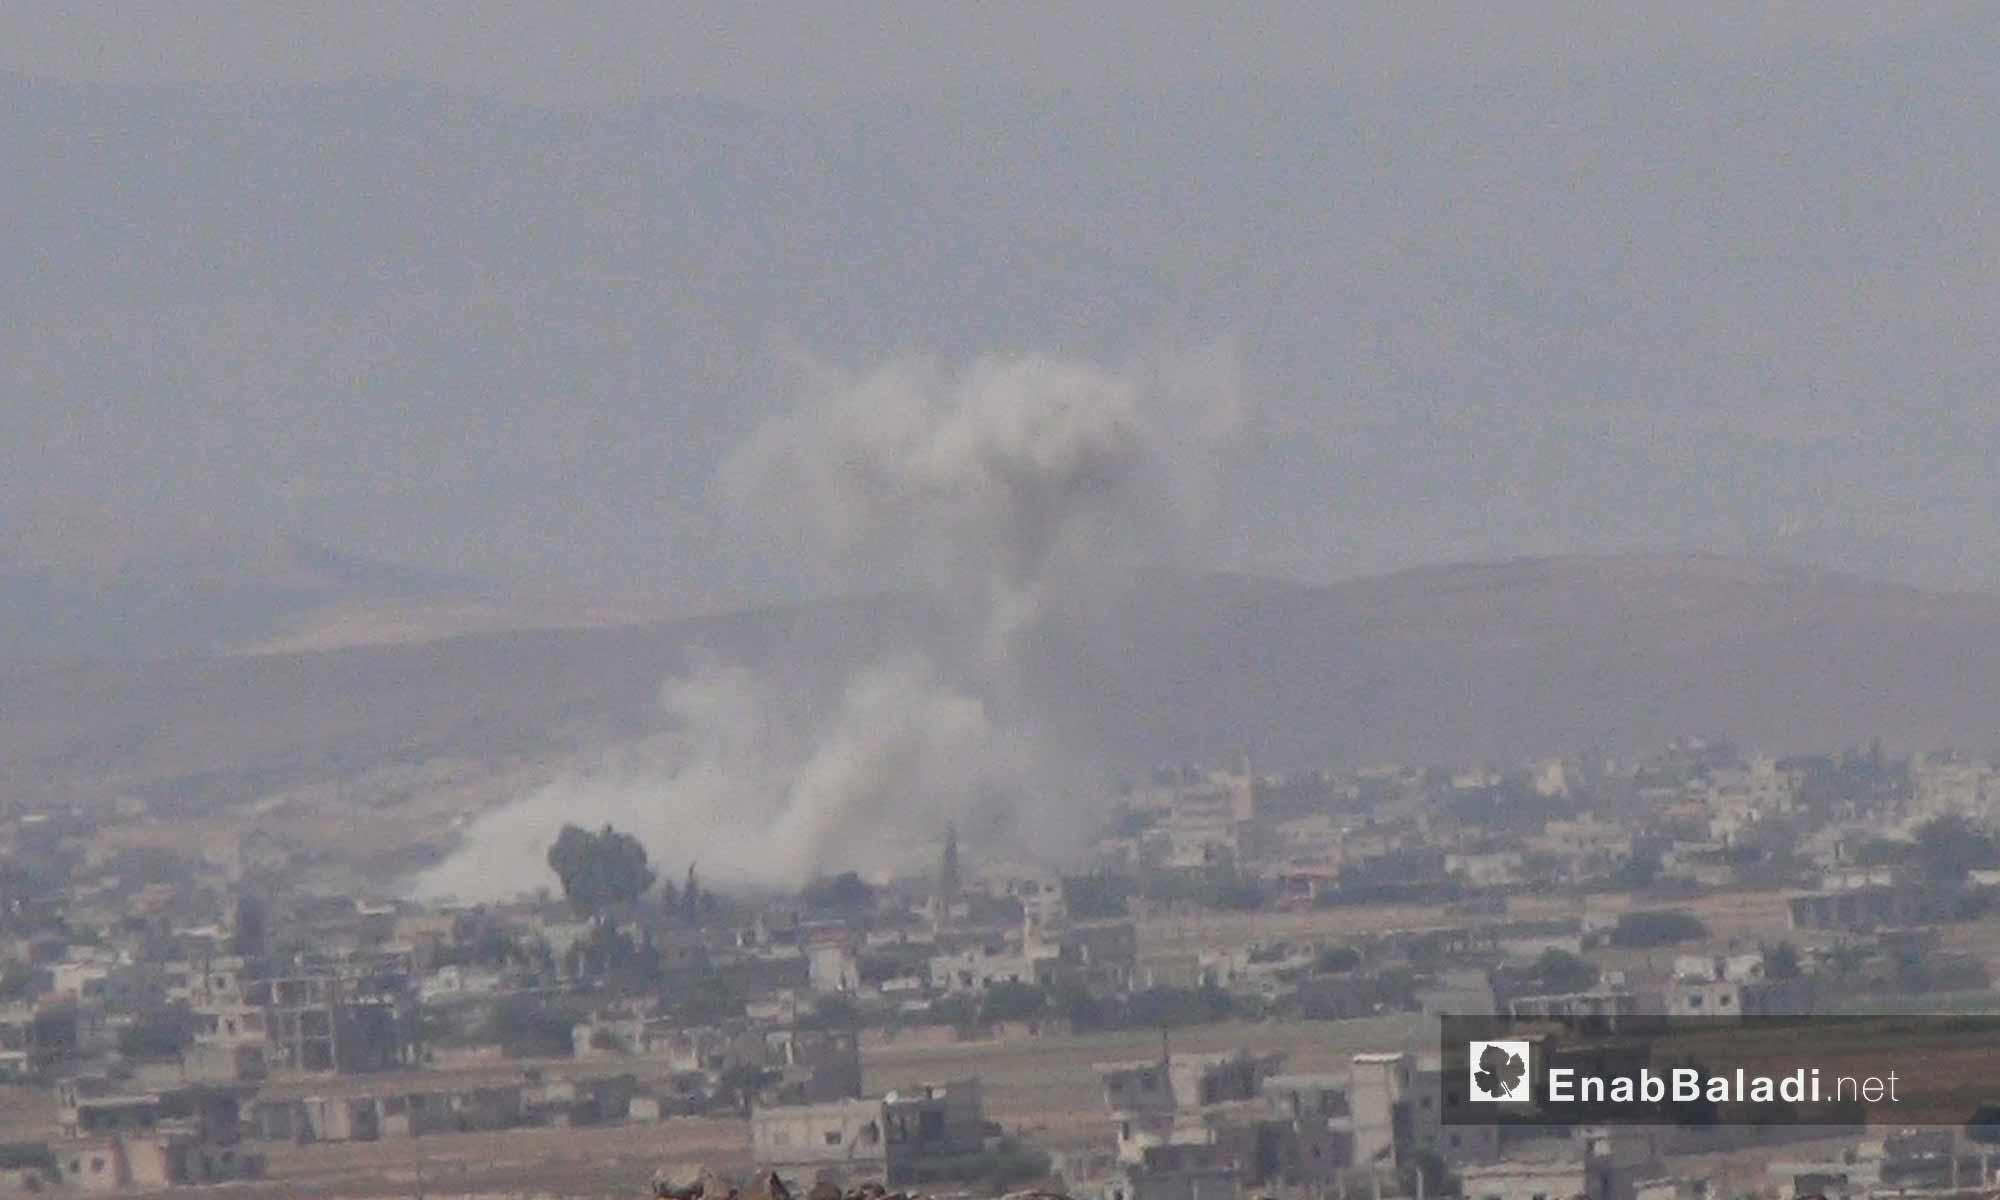 غارات تستهدف الحولة في ريف حمص الشمالي - 10 آب 2017 (عنب بلدي)